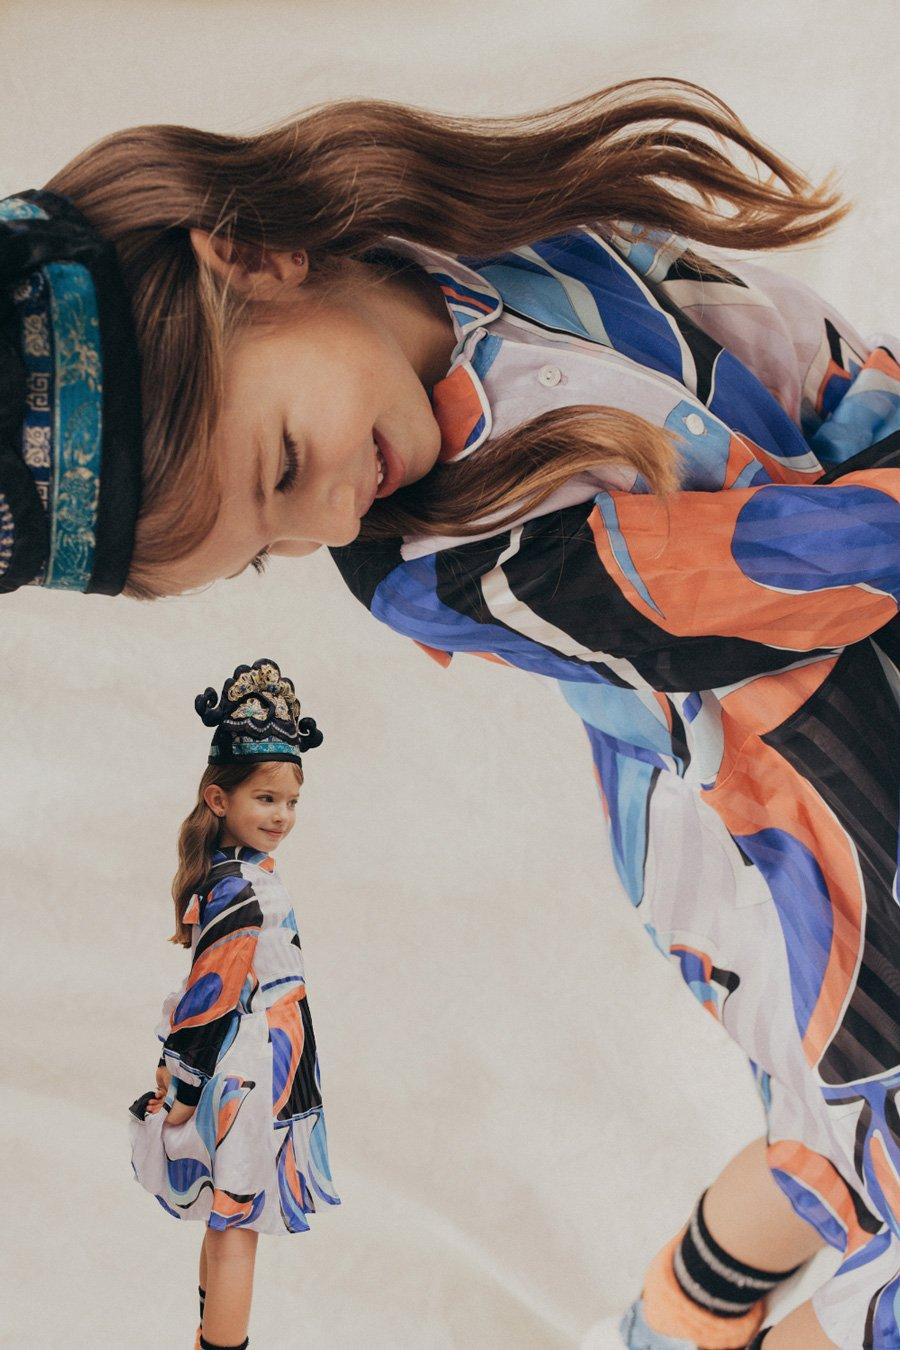 Live in dreams, Sunday Girl: Cloe tagträumt in einem Kleid von EMILIO PUCCI, Socken ALTO MILANO